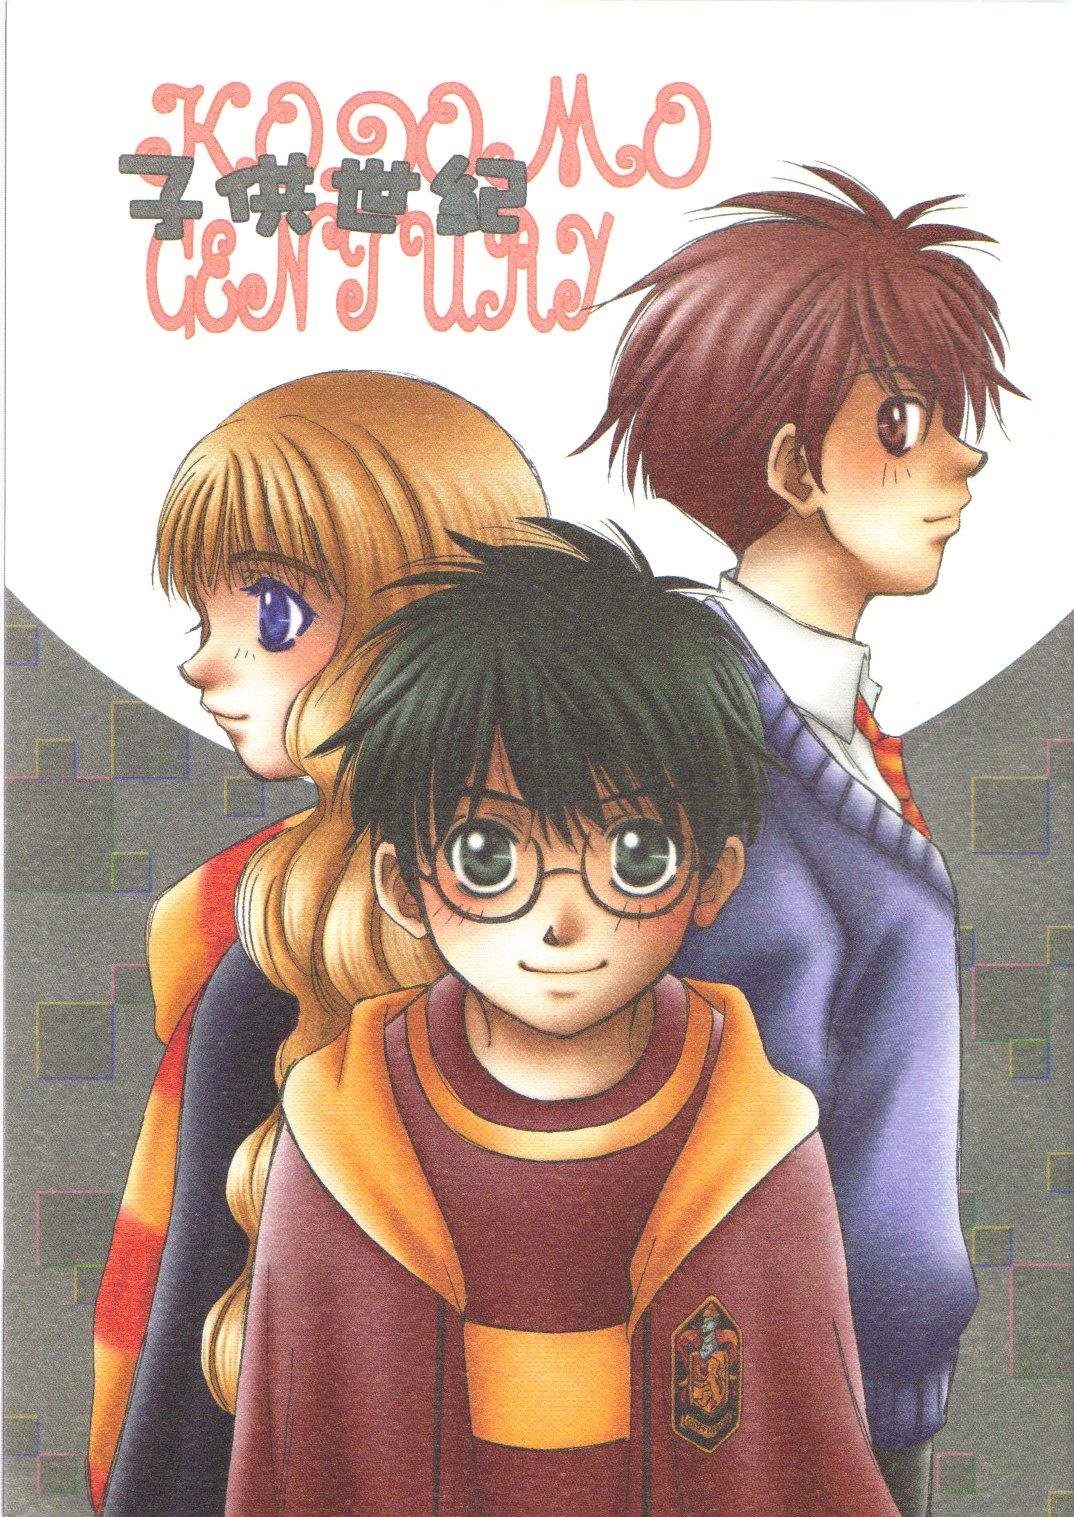 Harry Potter - Kodomo Century (Kodomo Century)